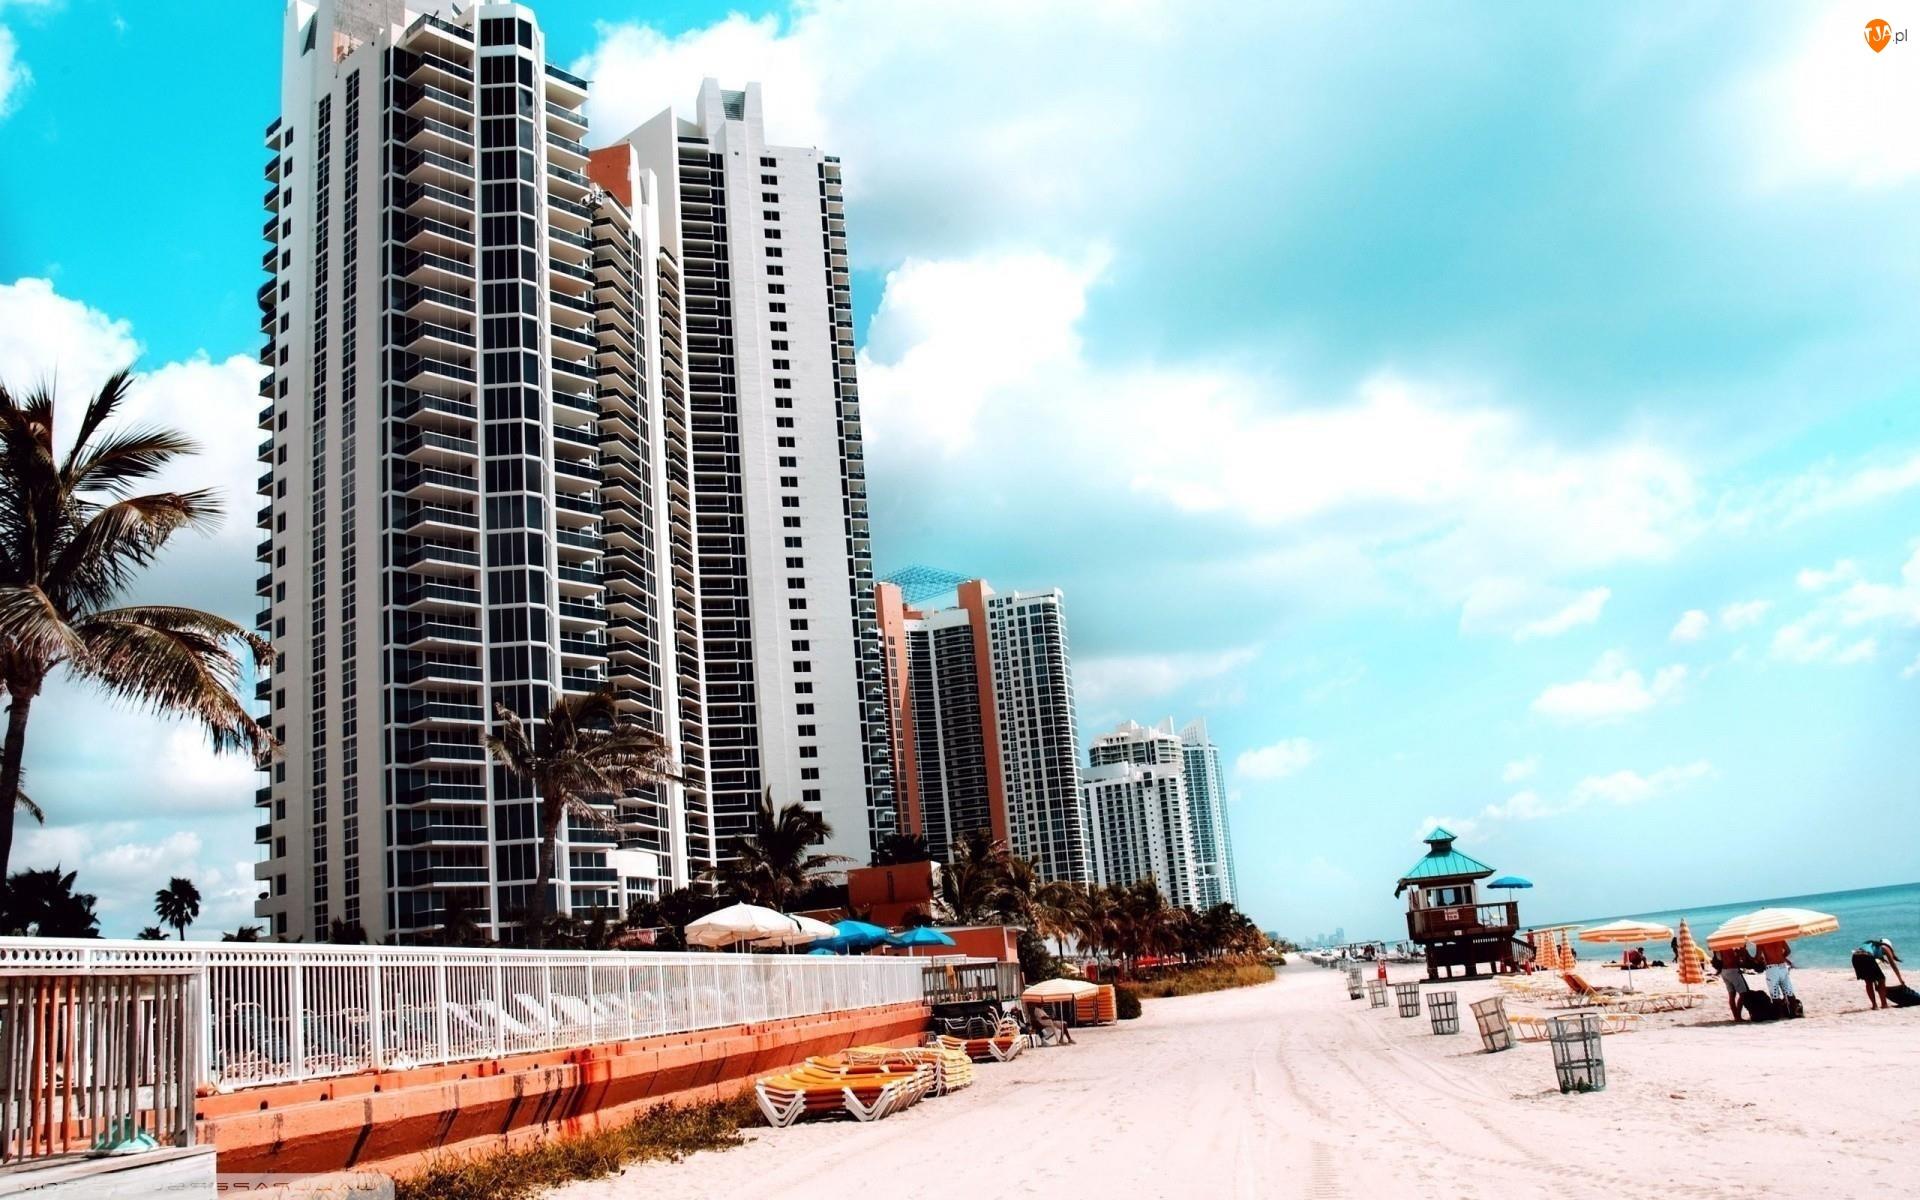 Miami, Palmy, Turyści, Plaża, Floryda, Wieżowce, Ocean